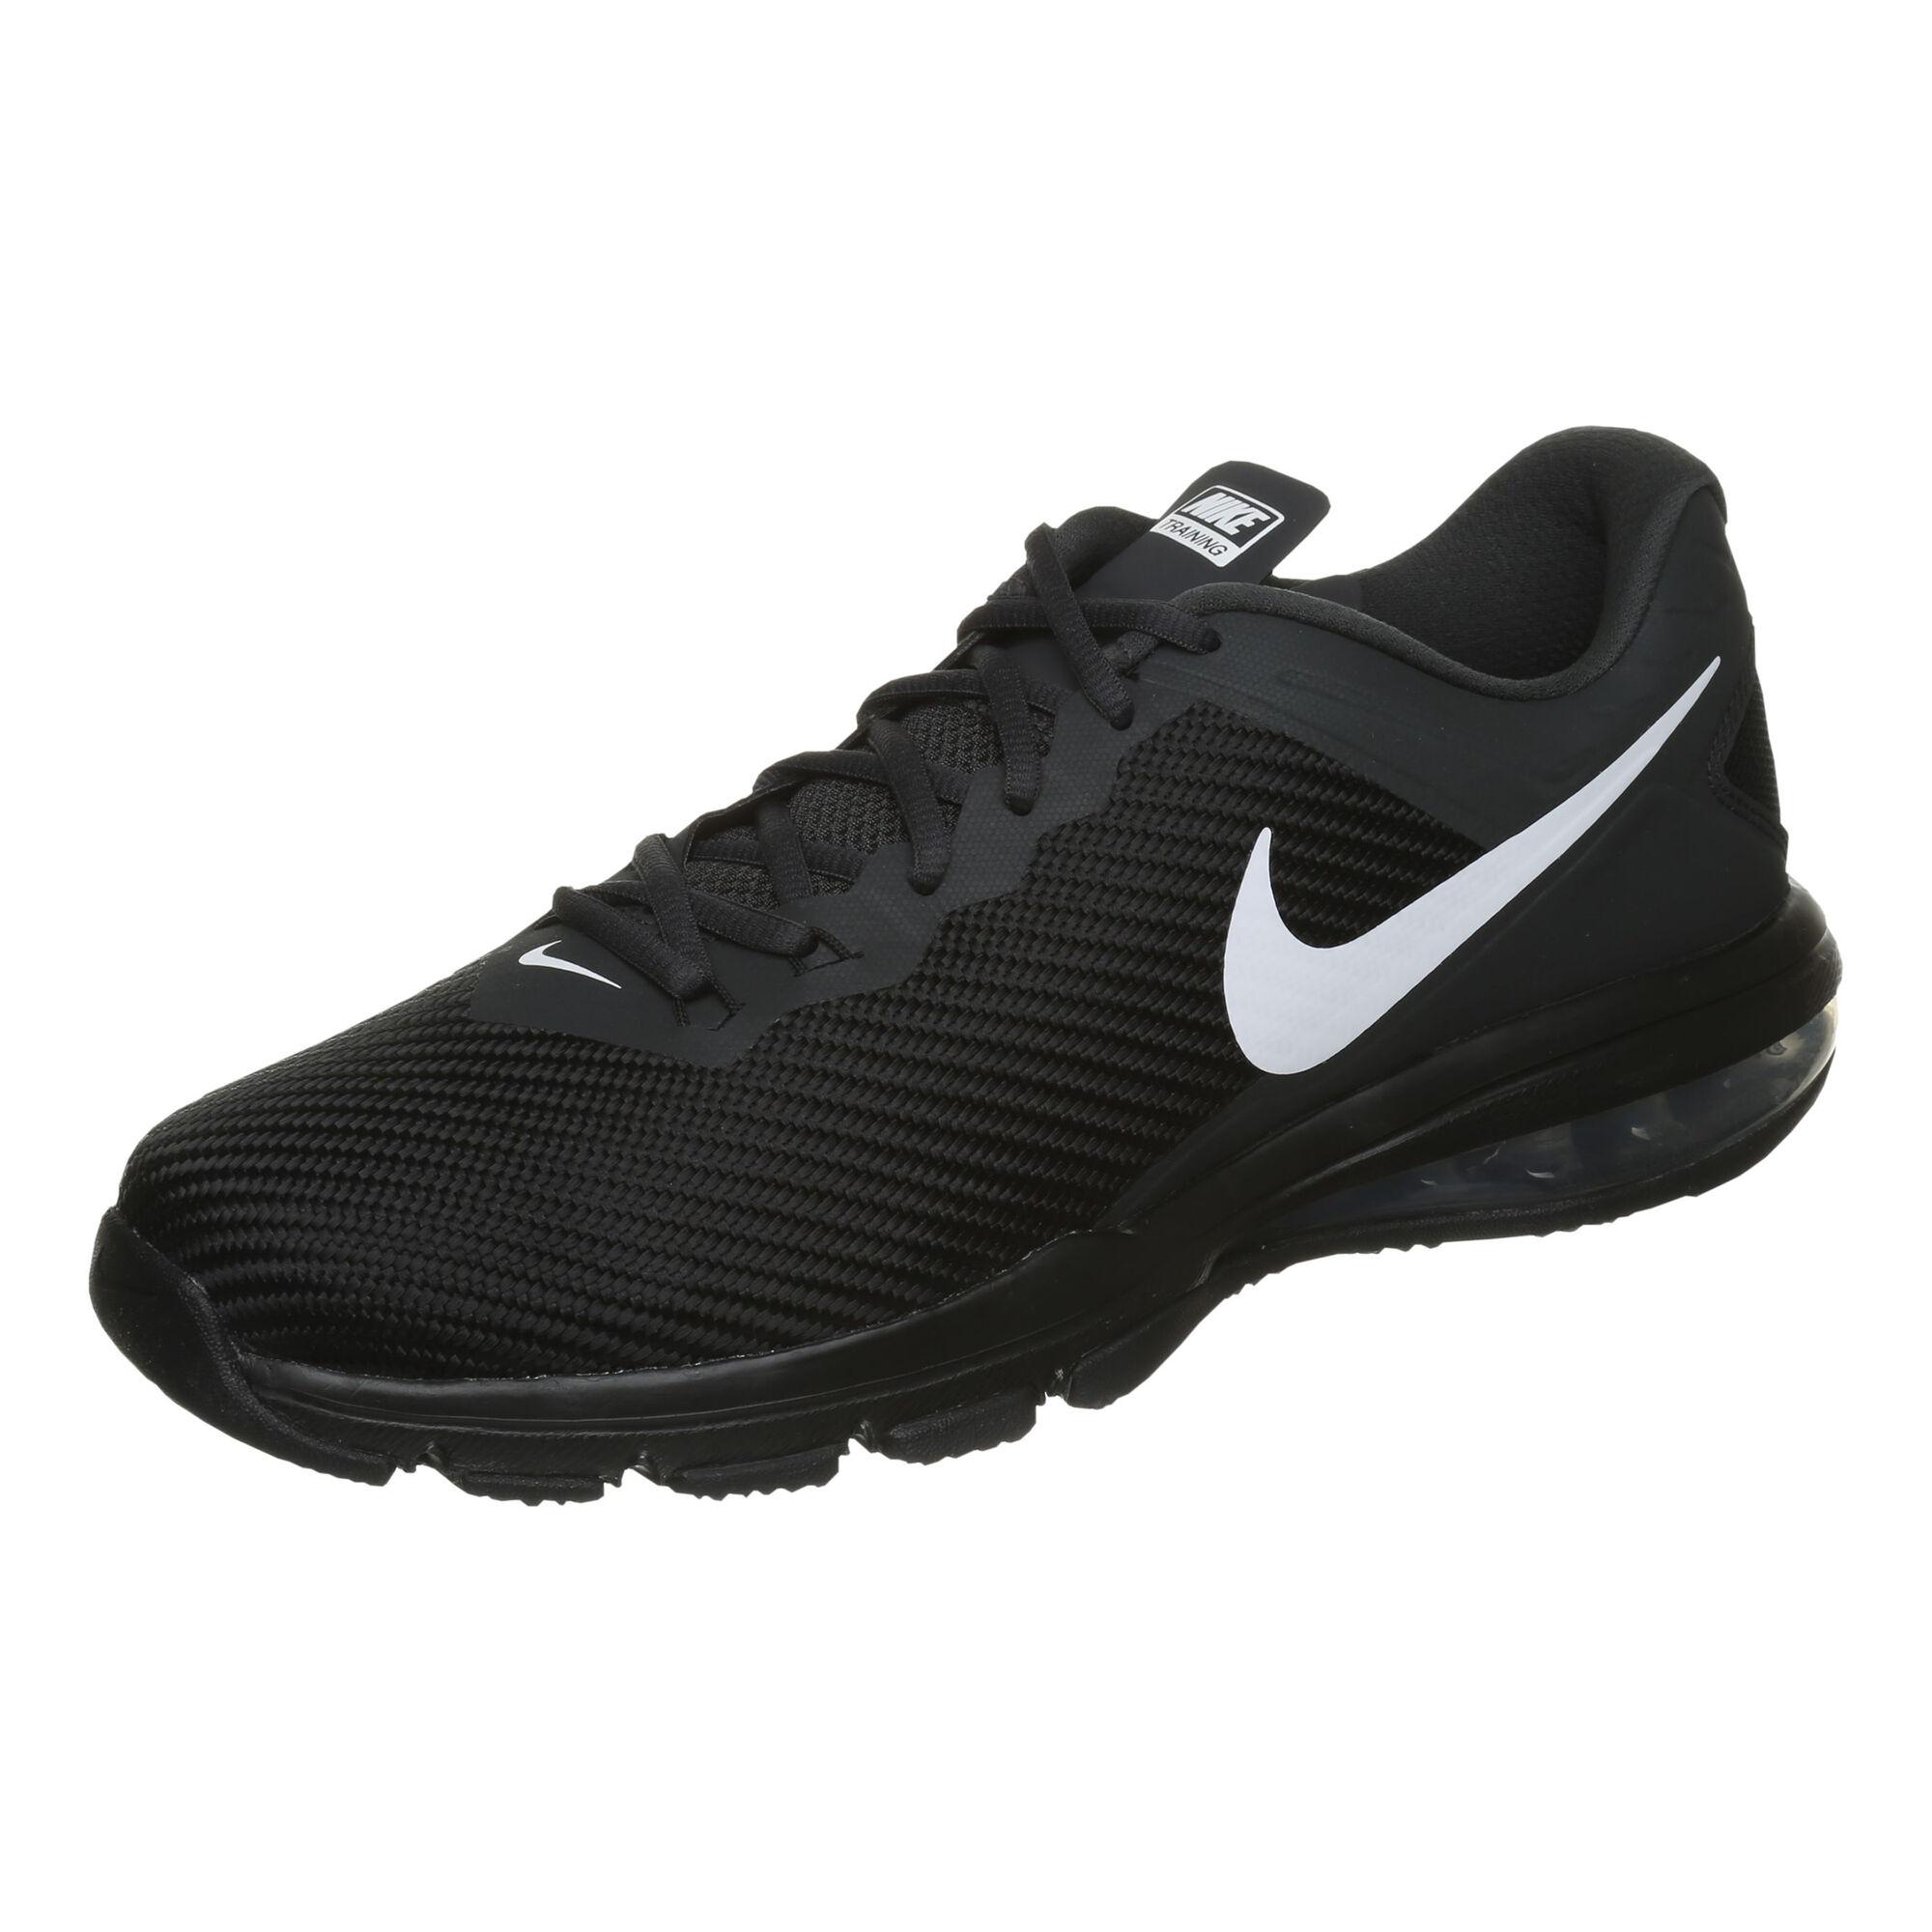 1af9c2f7c9 Nike; Nike; Nike; Nike; Nike; Nike; Nike; Nike; Nike; Nike. Air Max Full  Ride TR 1.5 Men ...